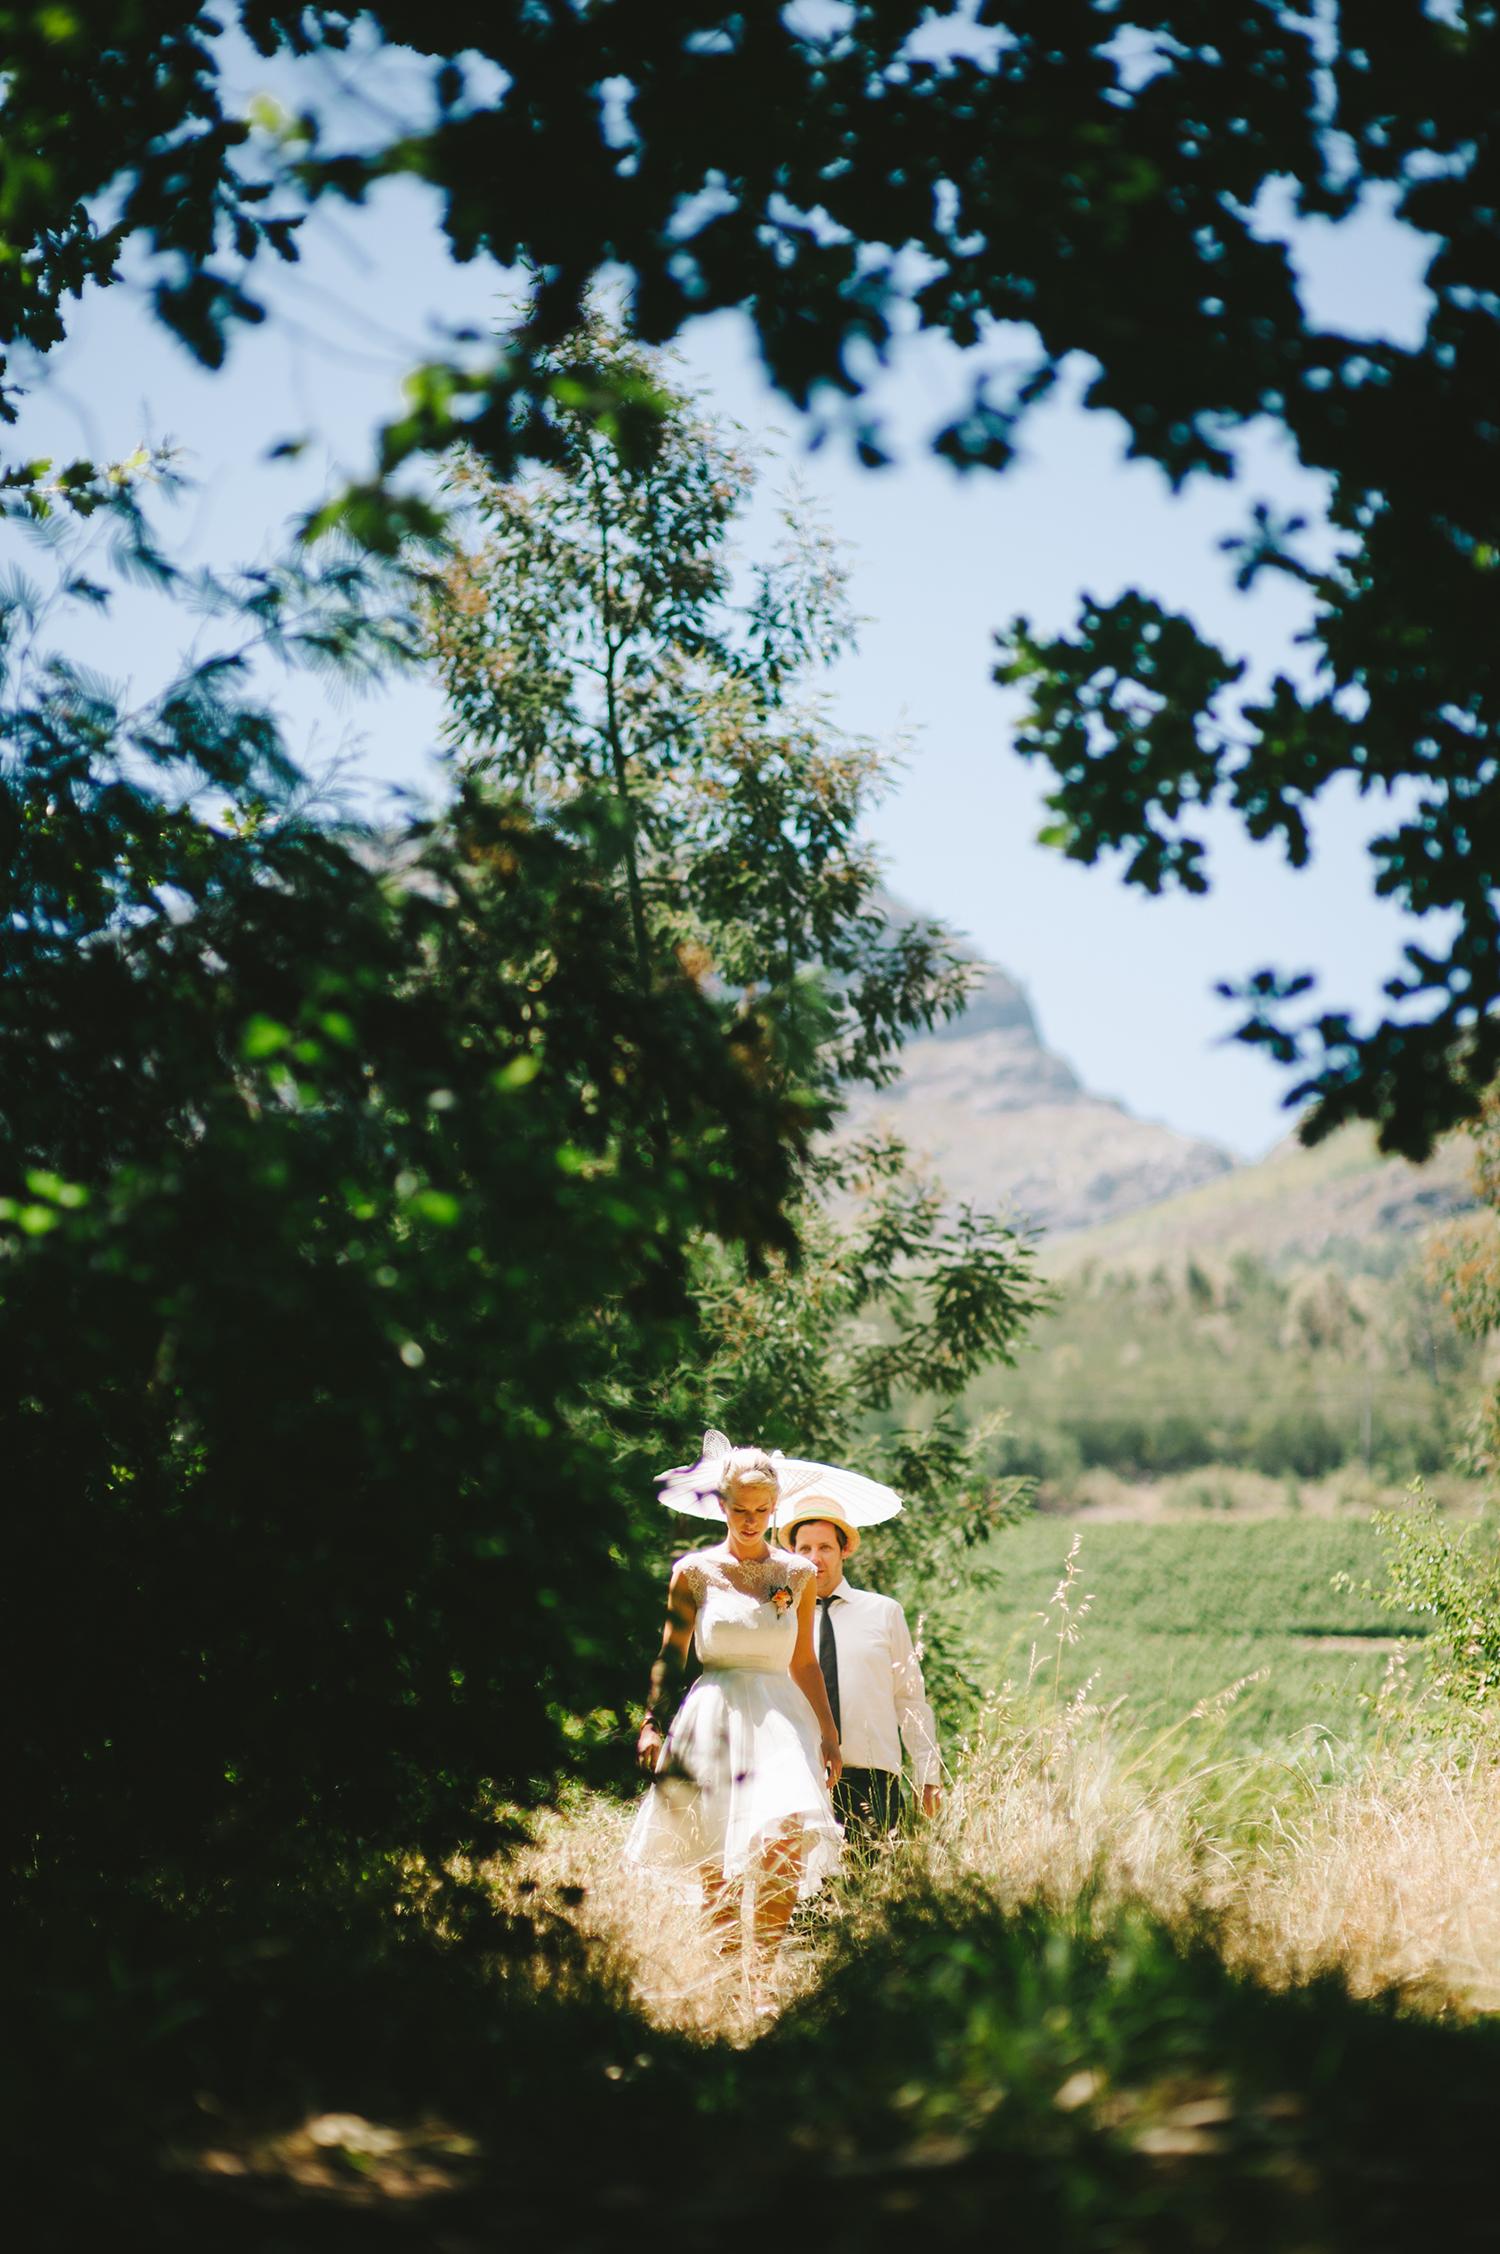 Alex & Daniela Destination Hochzeit in Suedafrika von dna photographers | Verrueckt nach Hochzeit